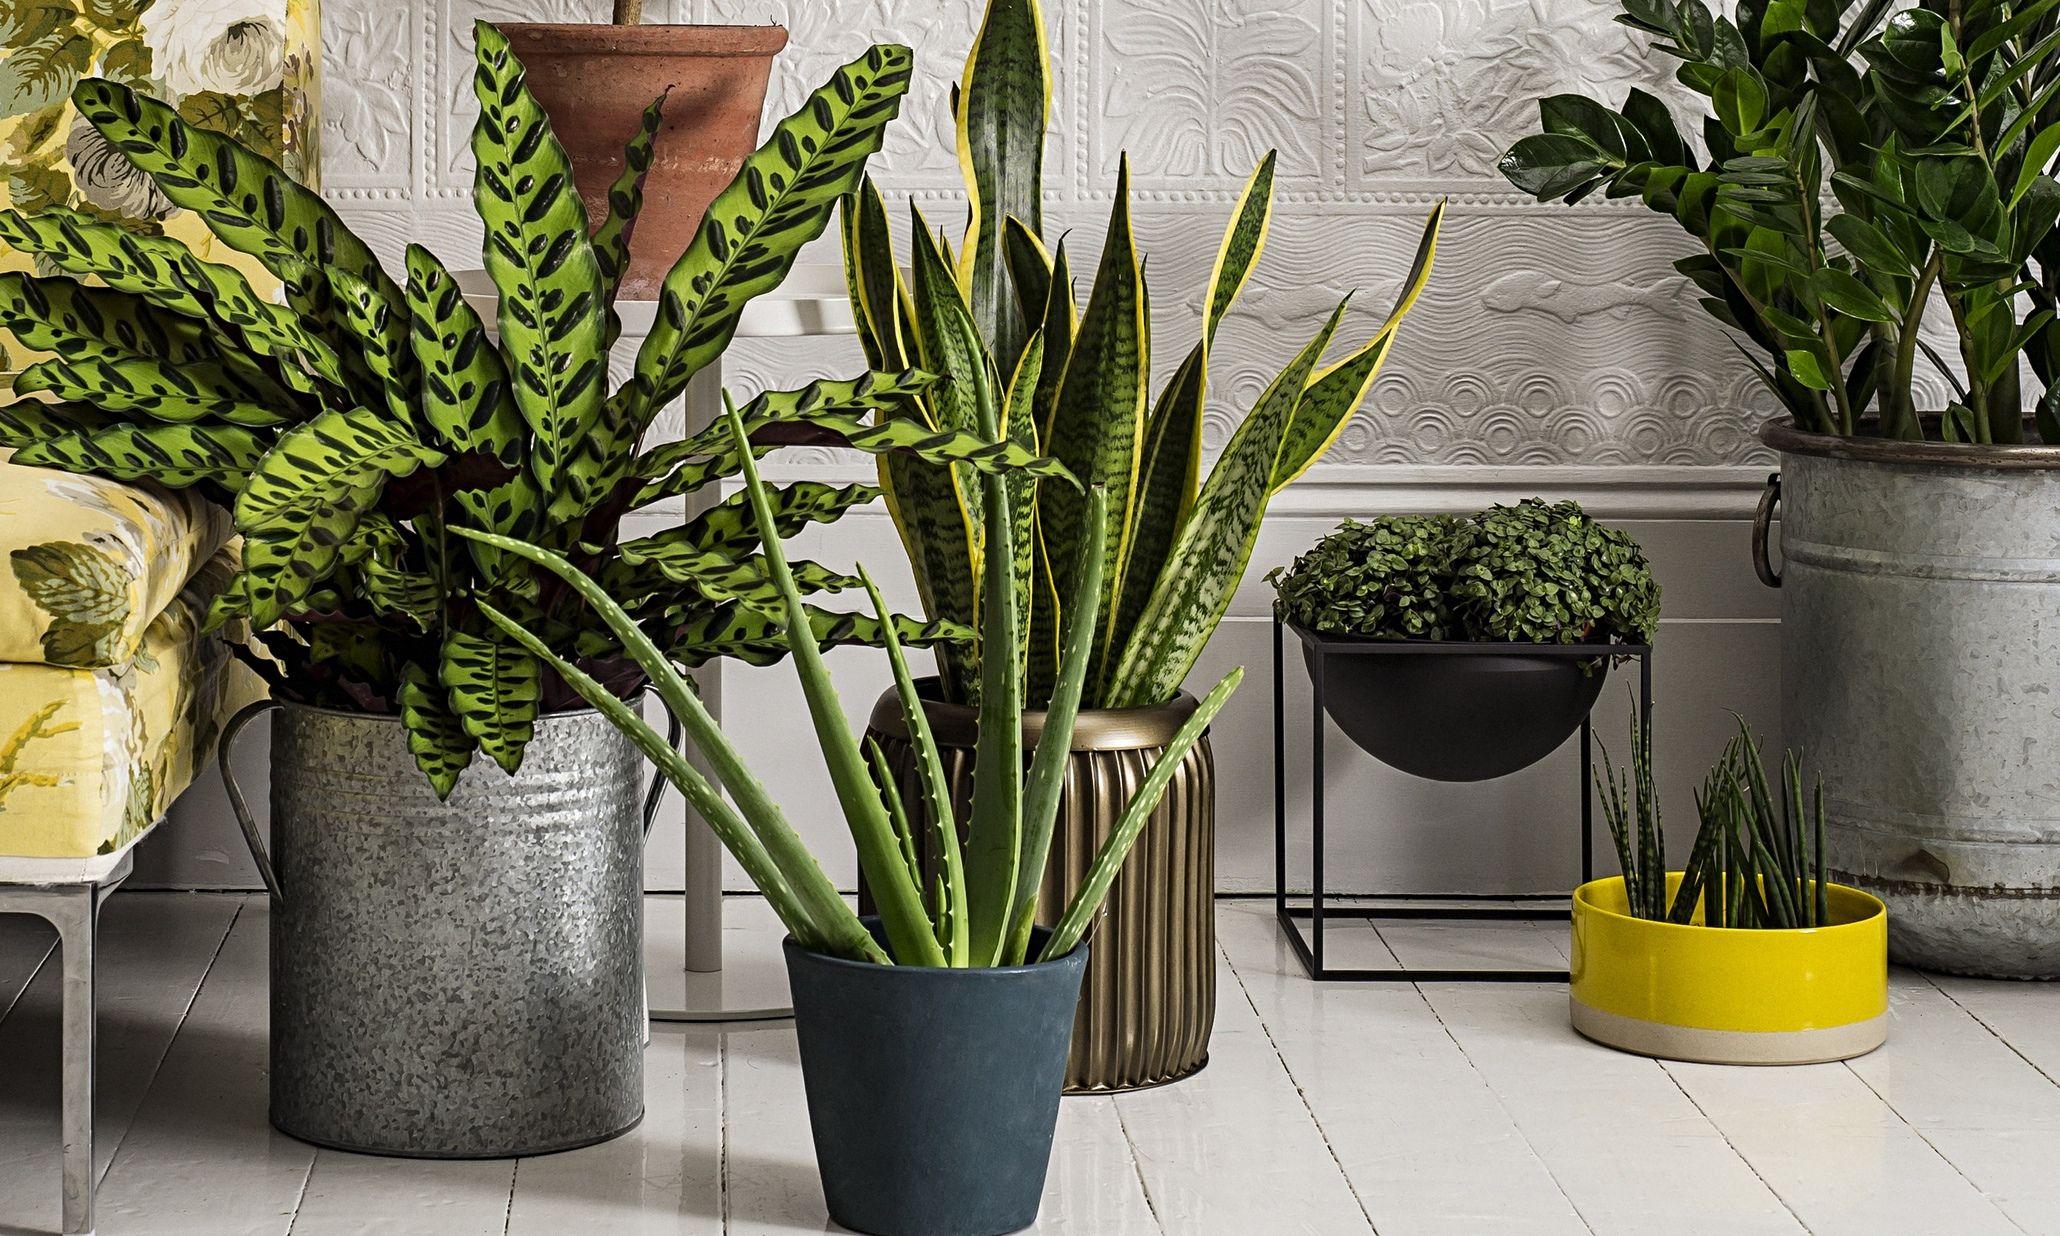 Sansevieria Plant Feng Shui biar lebih hoki, coba 6 tanaman depan rumah menurut feng